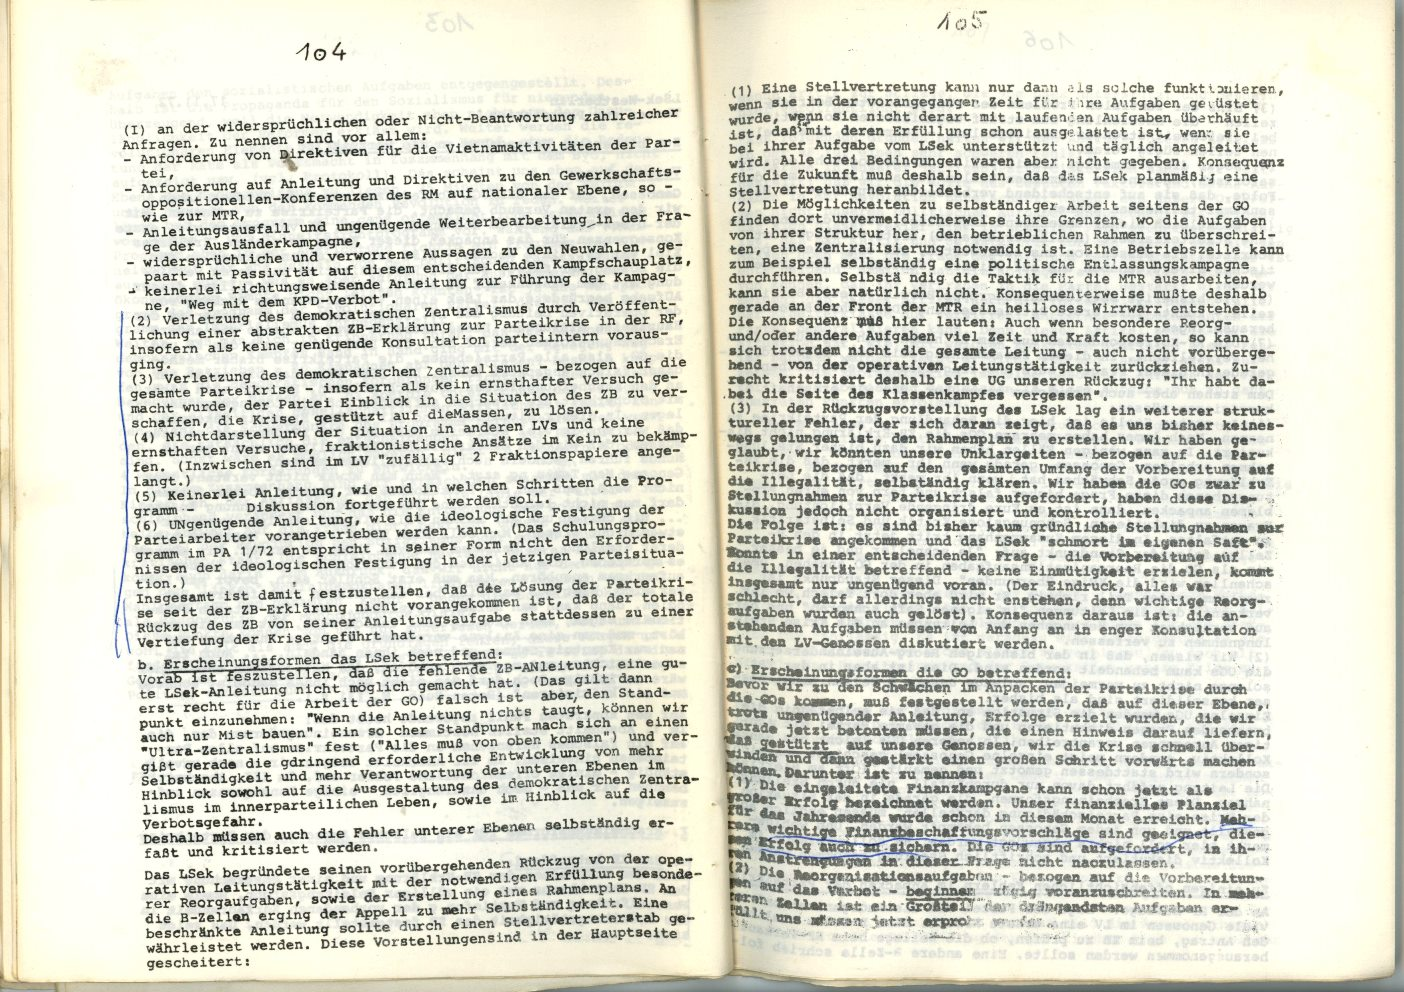 ZB_1972_Diskussionsorgan_zur_ersten_Parteikonferenz_58